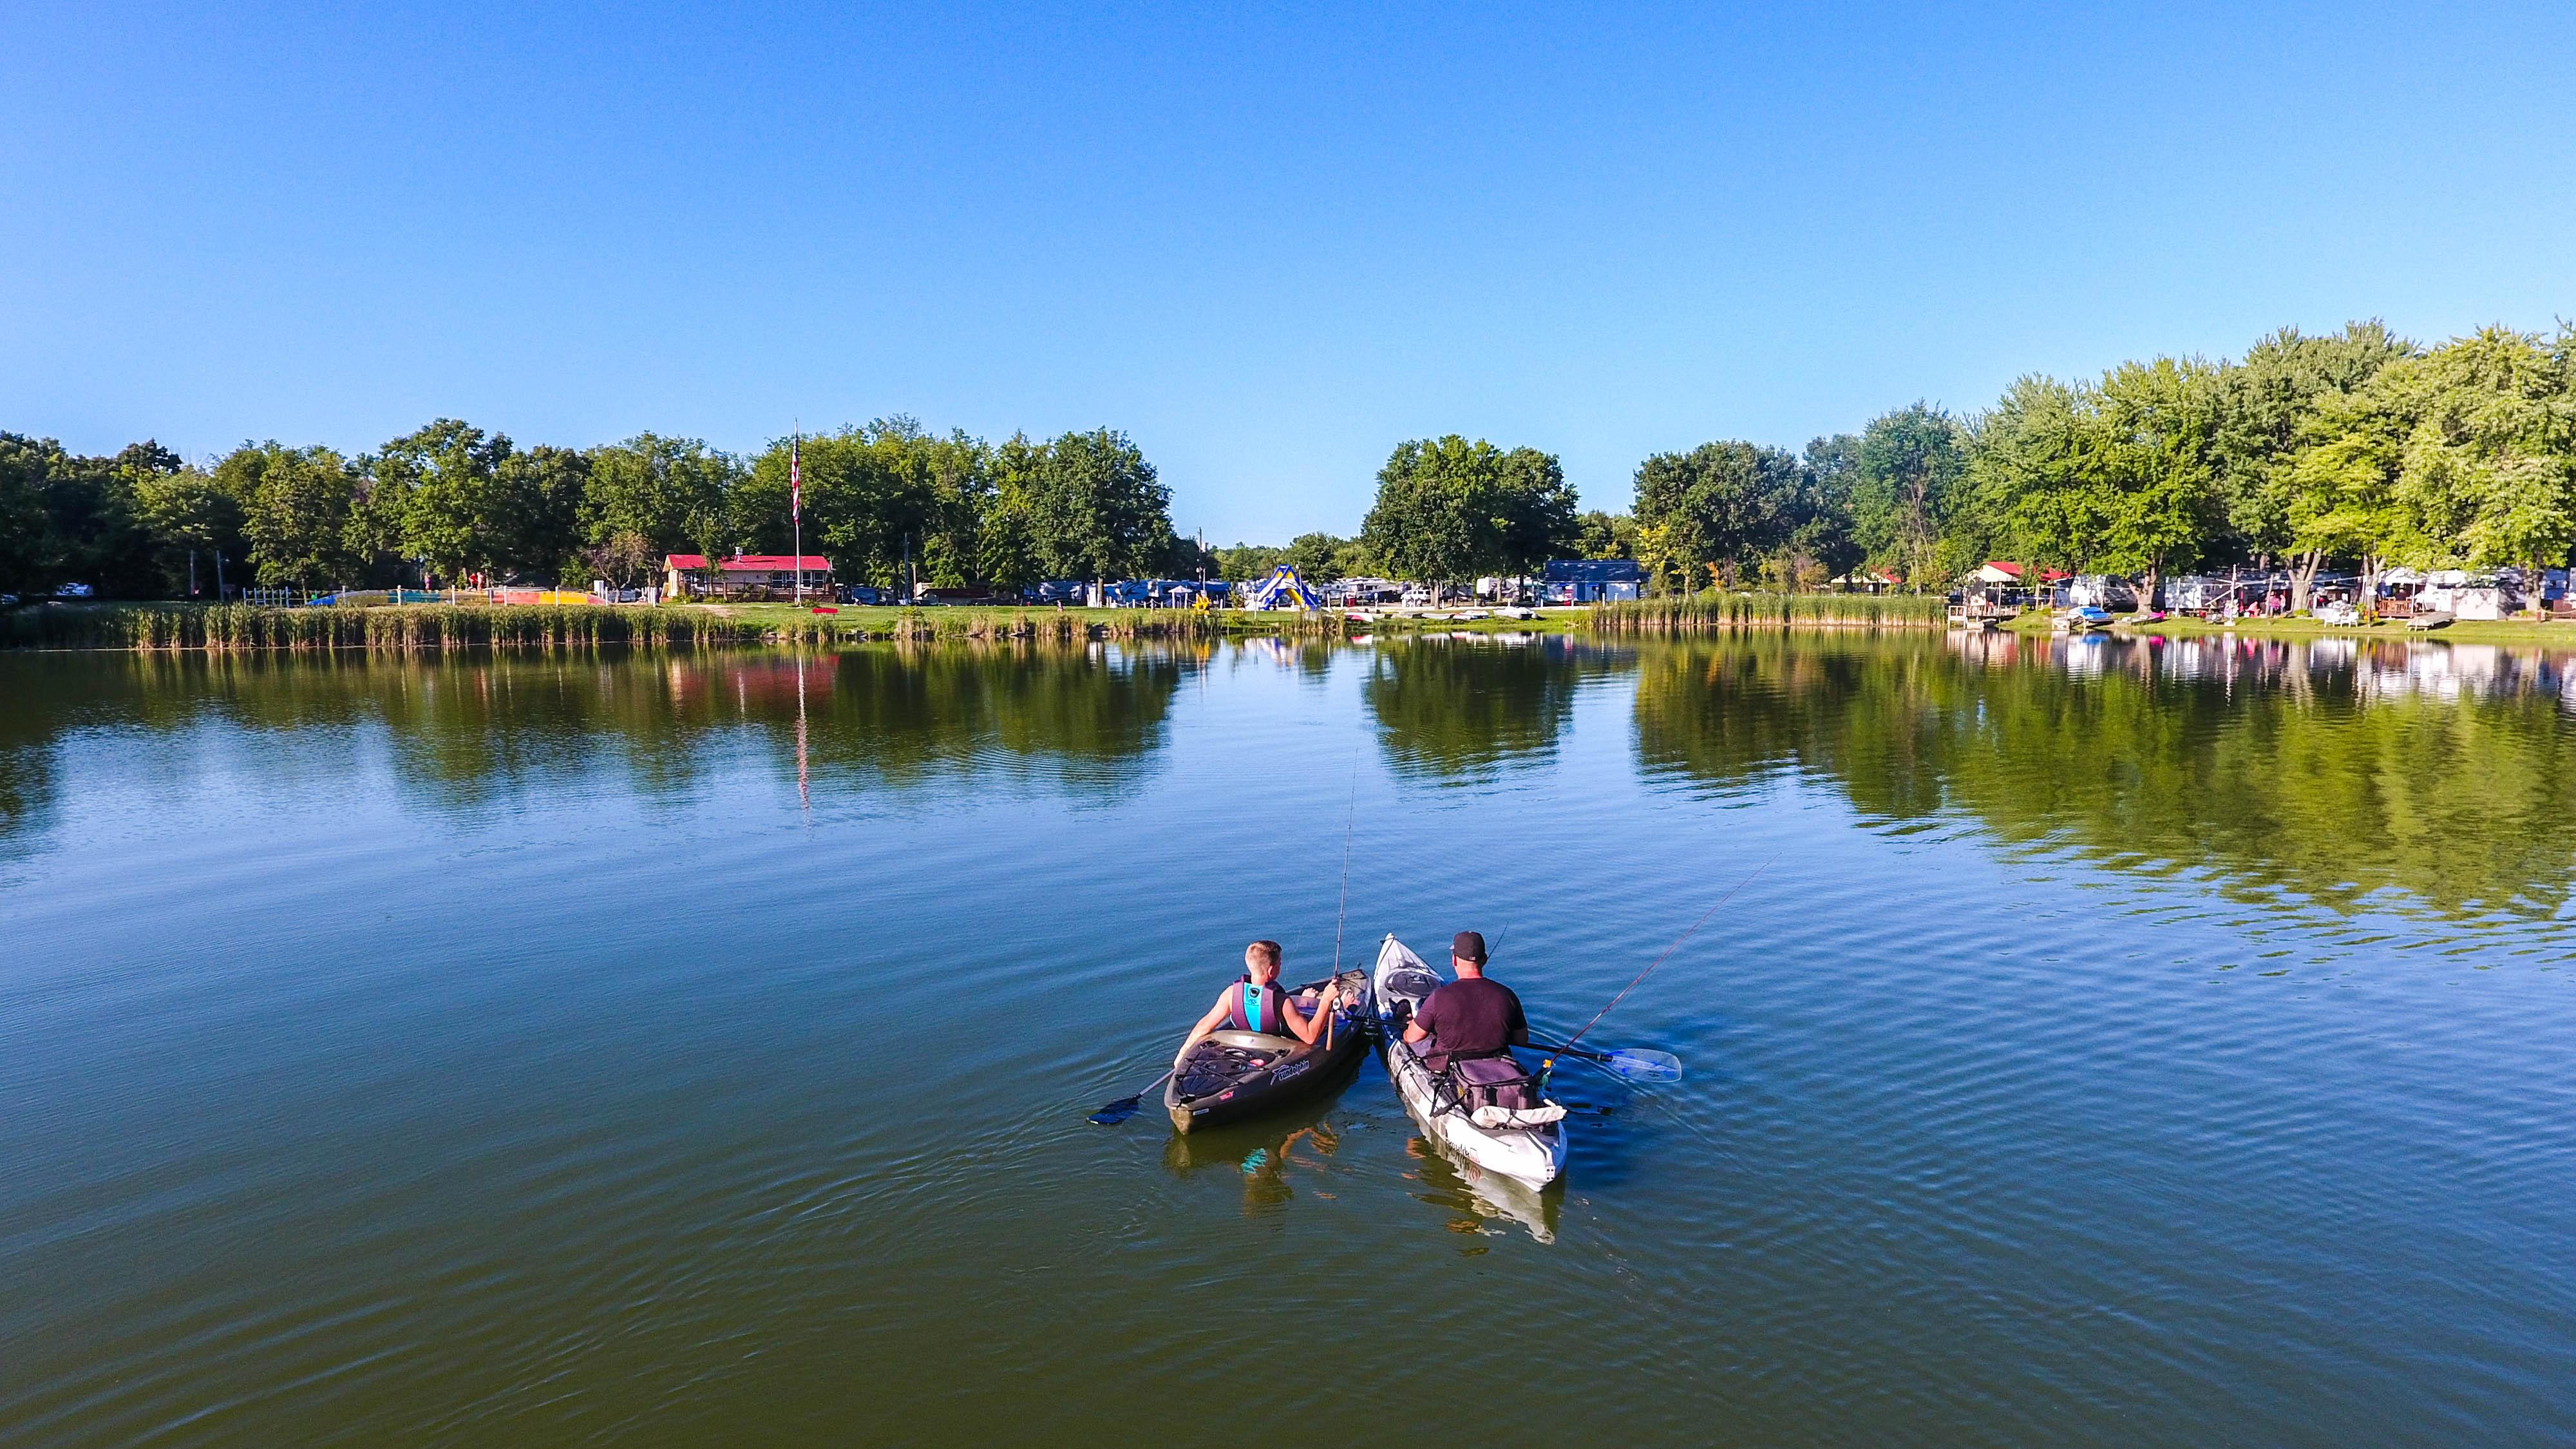 Lake Milton / Berlin Lake KOA Holiday